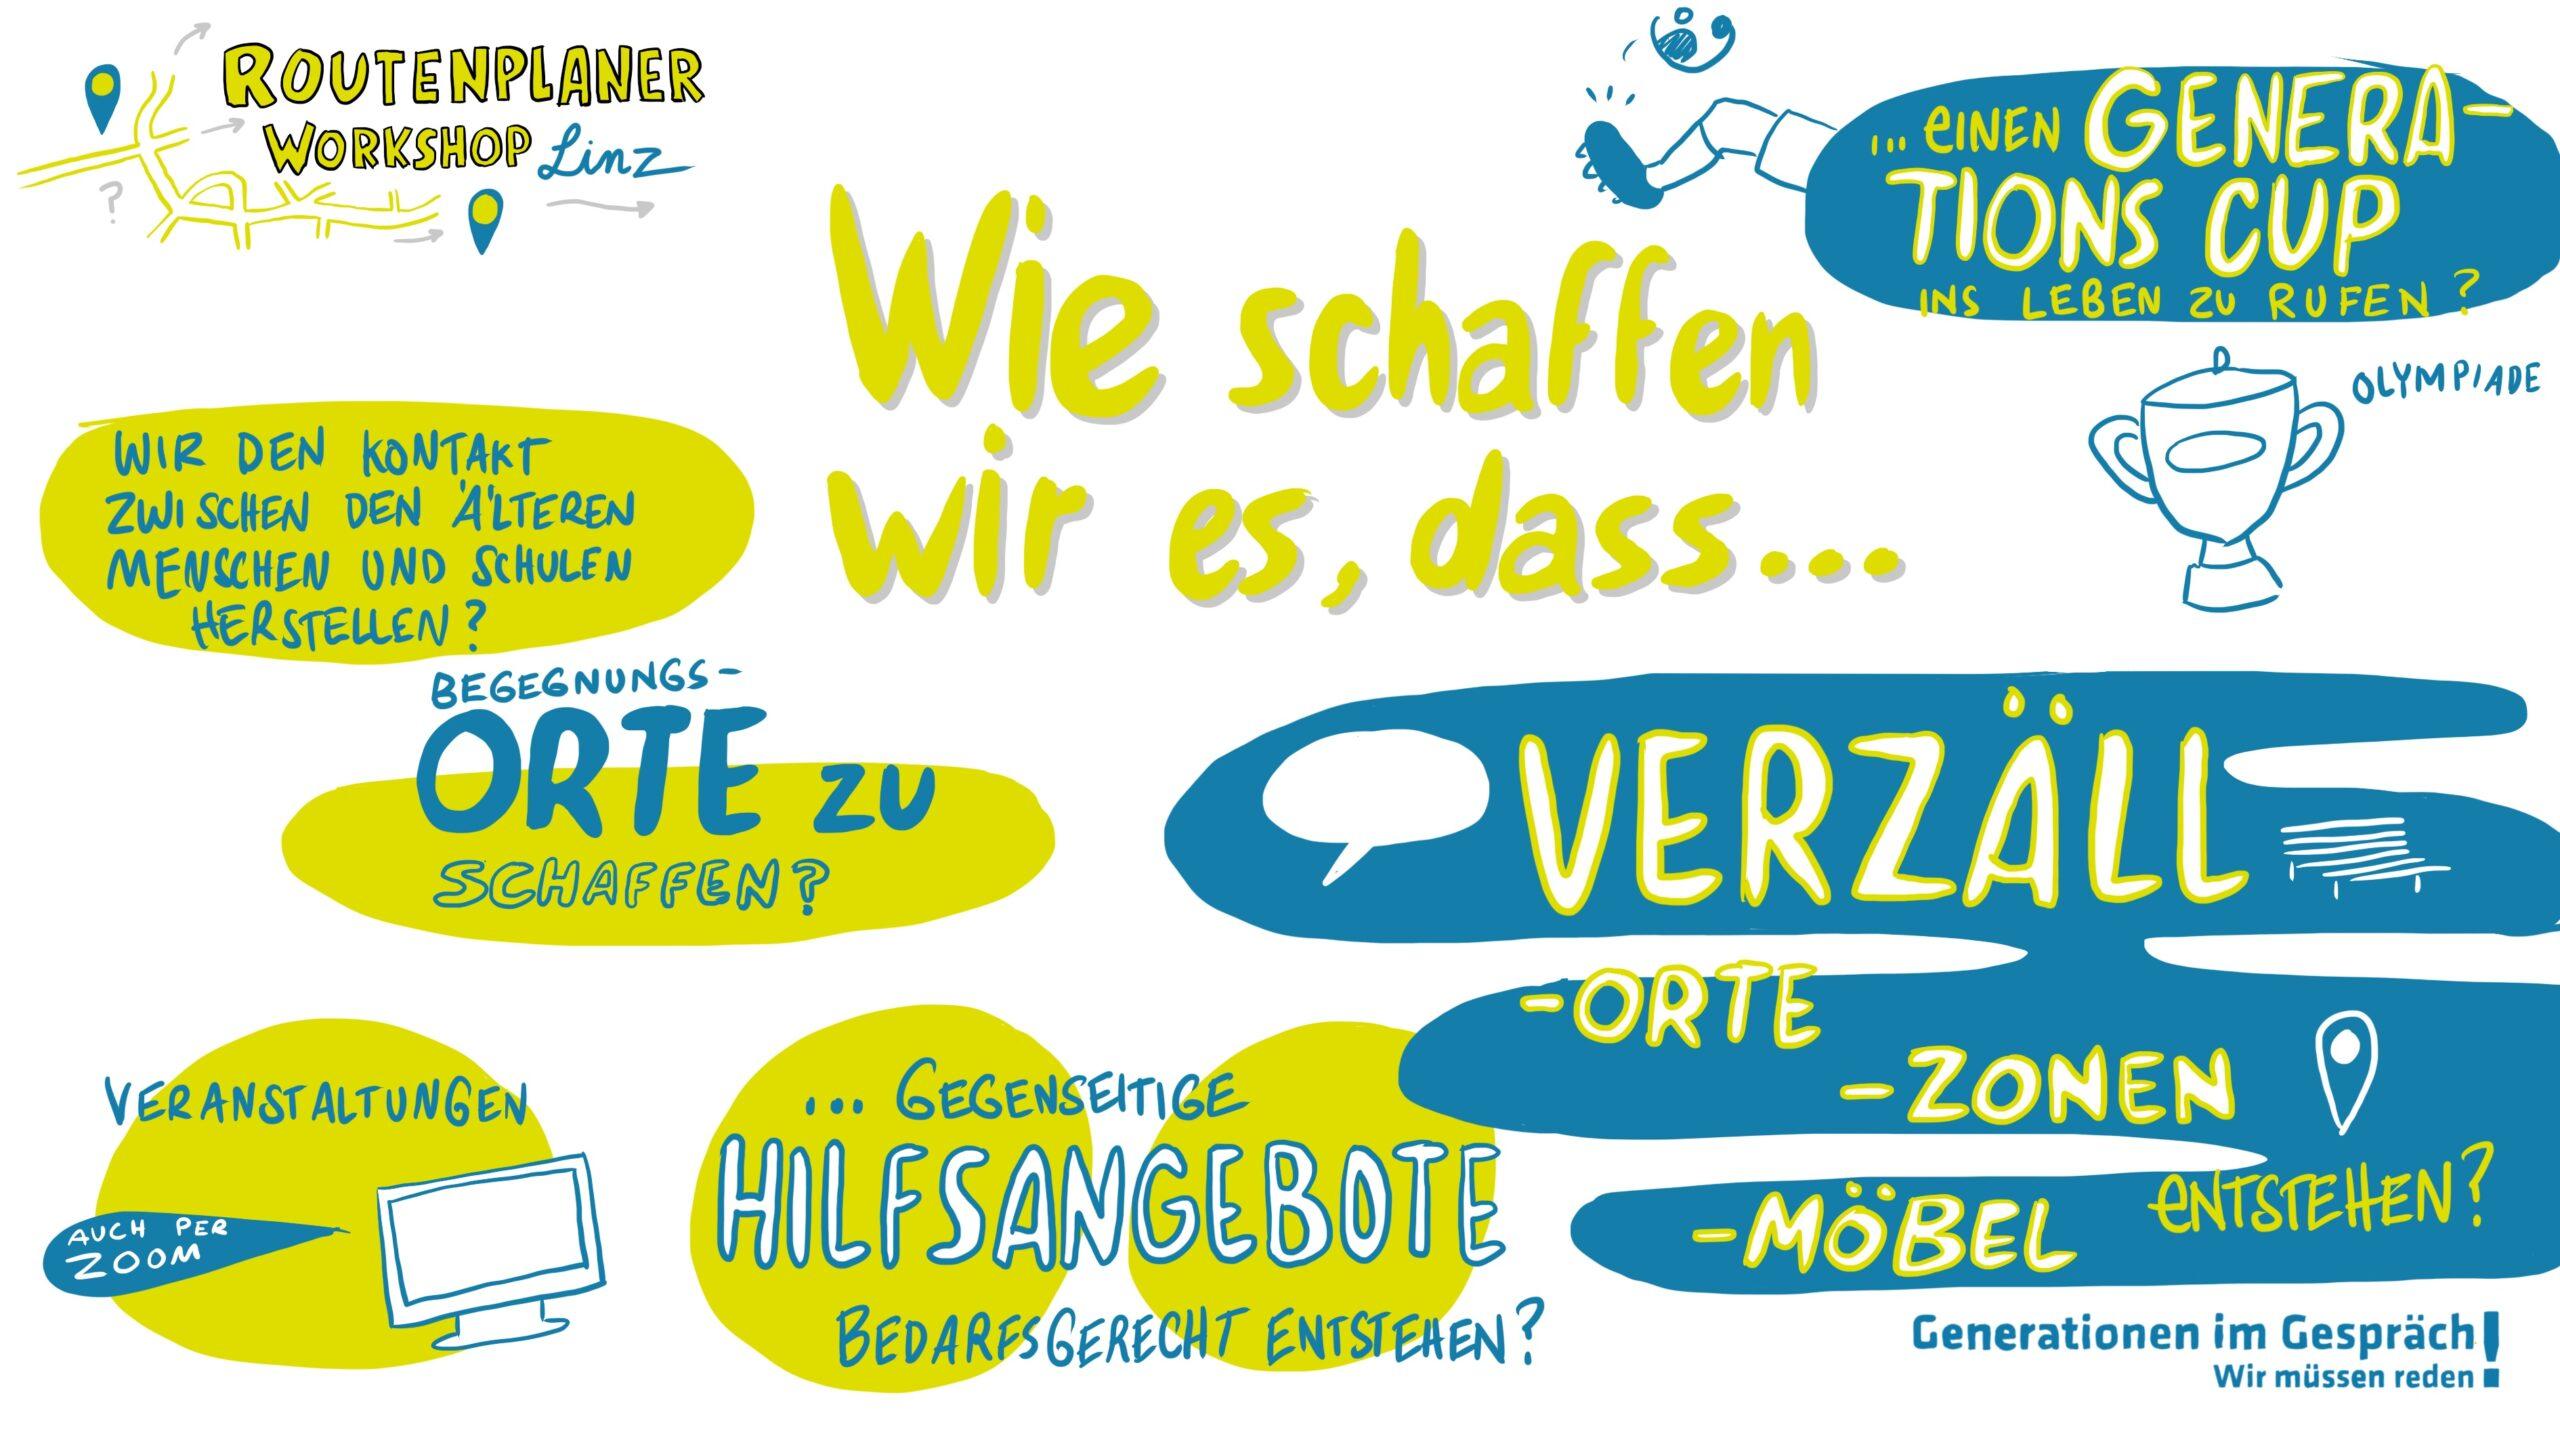 Routenplaner_WS_Linz_Realisierung (1)